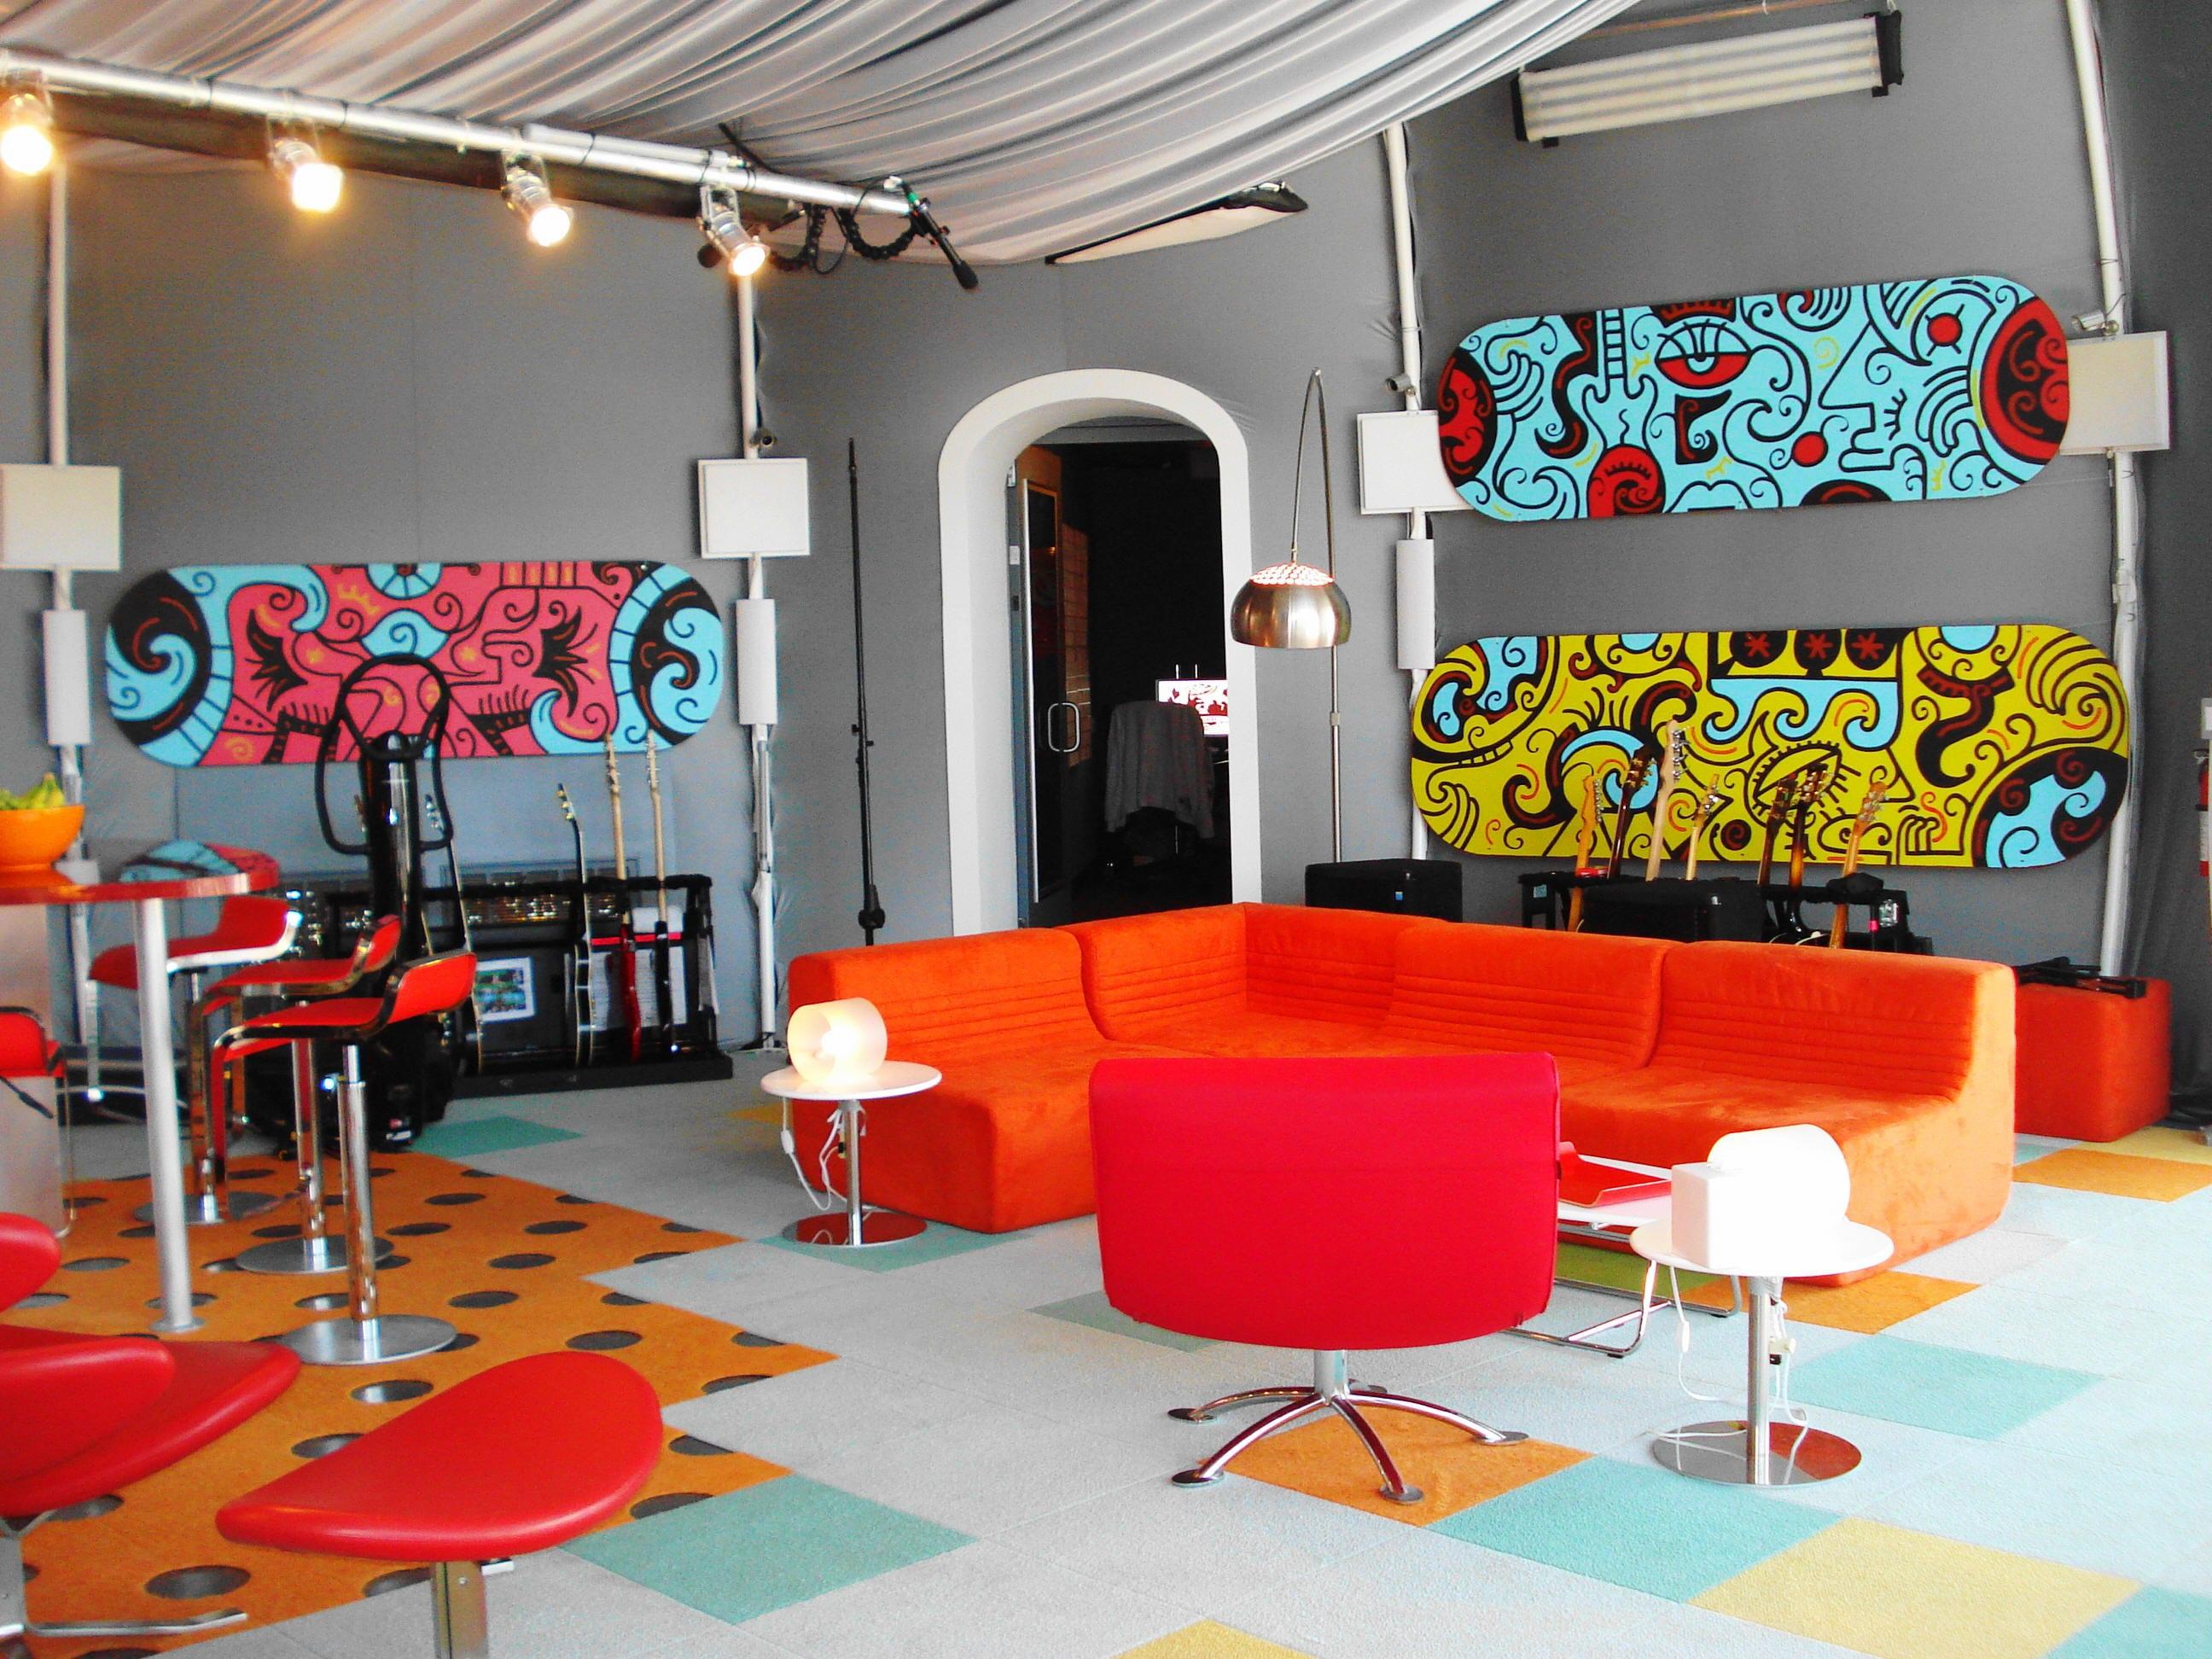 einzigartige Wohnzimmergestaltung in orange und pink mit kreative Wanddekoration